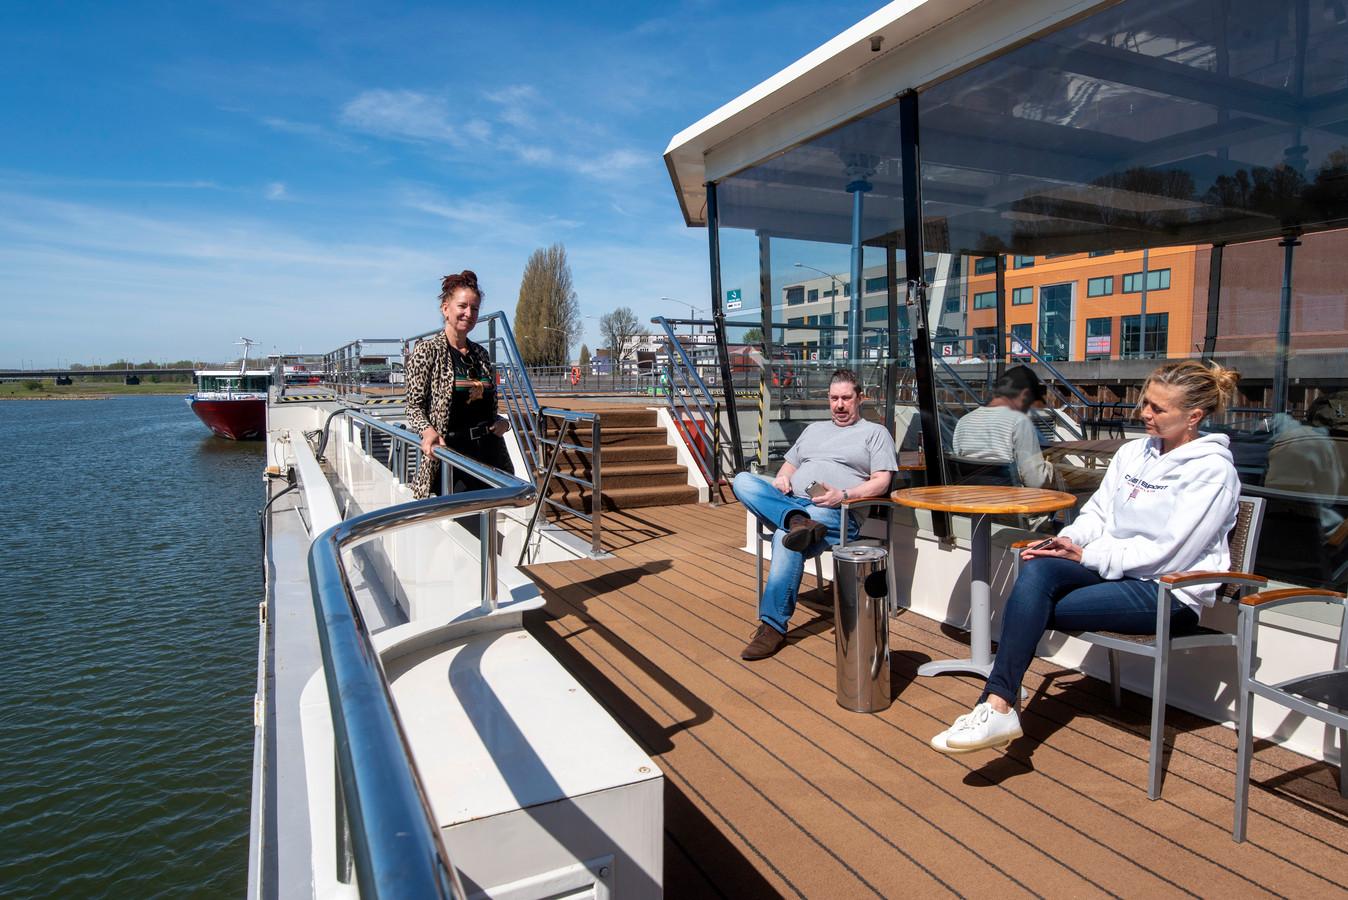 Arnhem wil daklozen aan een huis of een kamer helpen en met minder plaatsen in de opvang toe. Dat betekent dat het einde nadert van cruiseschip de Serenade als tijdelijke daklozenopvang. Archieffoto: Gerard Burgers